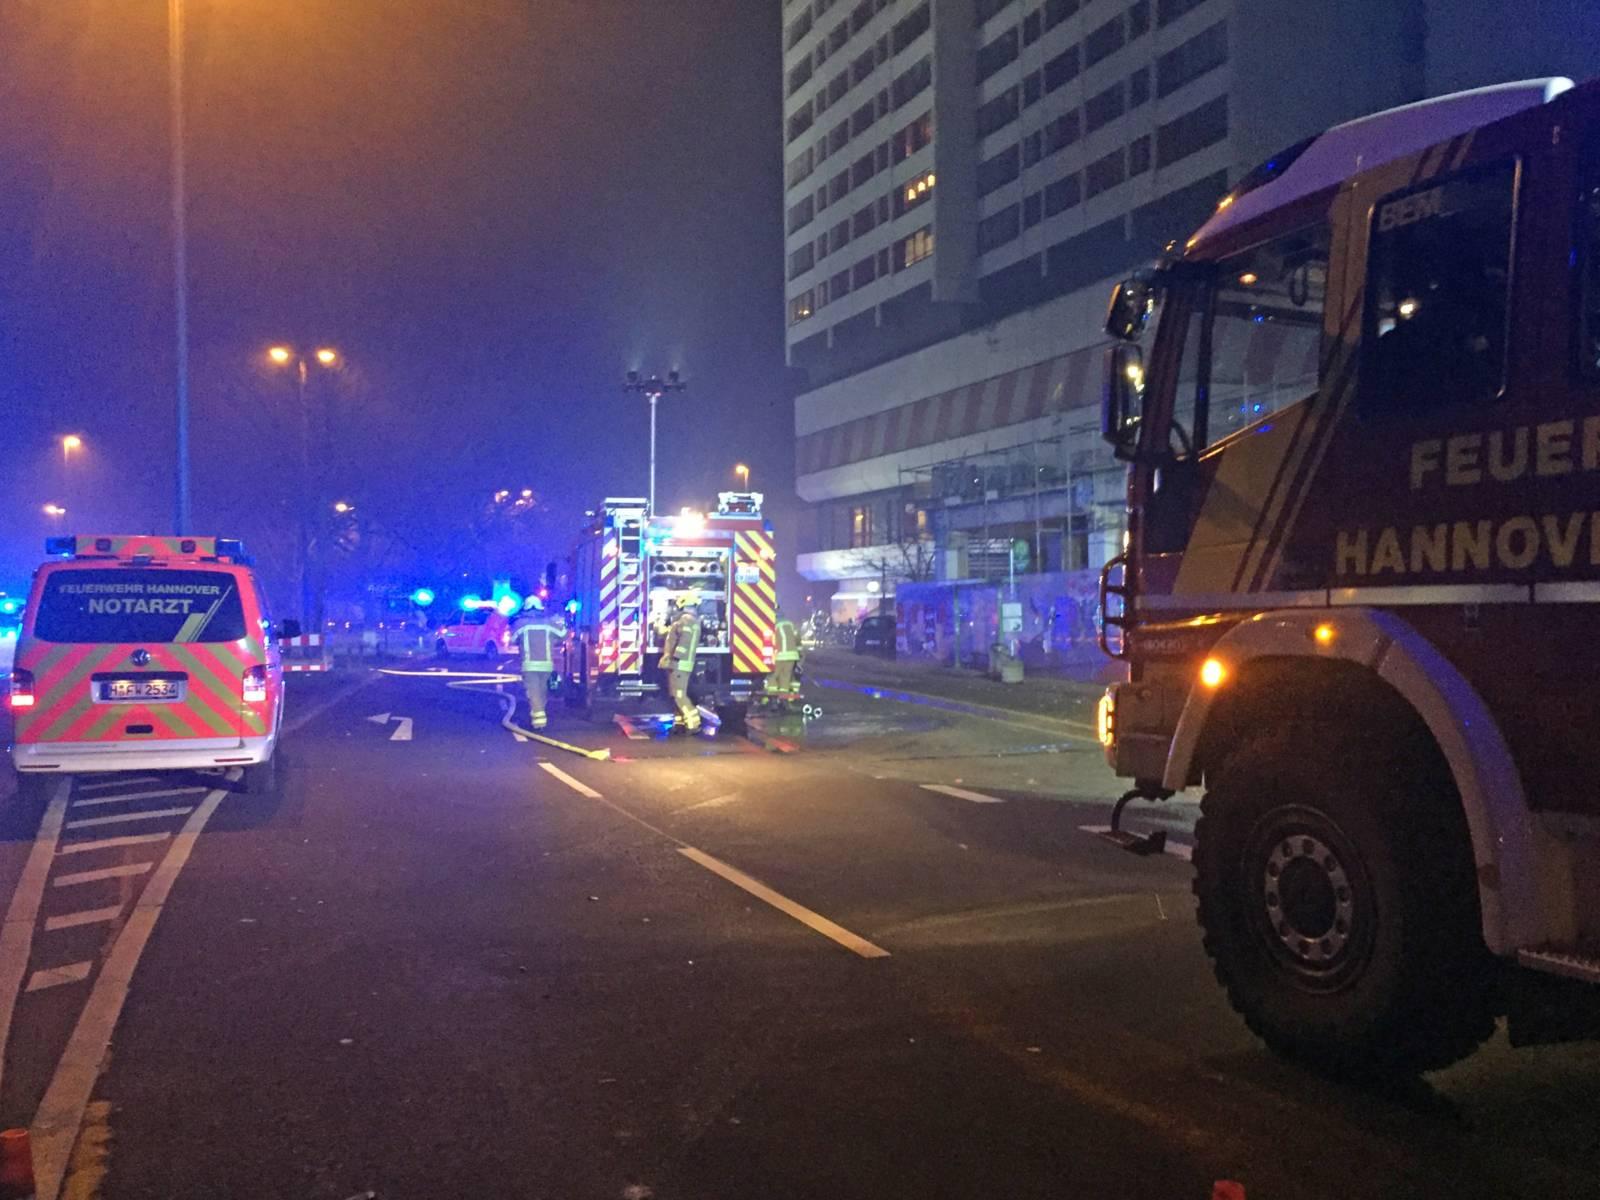 Einsatzfahrzeuge von Feuerwehr und Rettungsdienst vor dem vom Brand betroffenen Wohnhochhaus